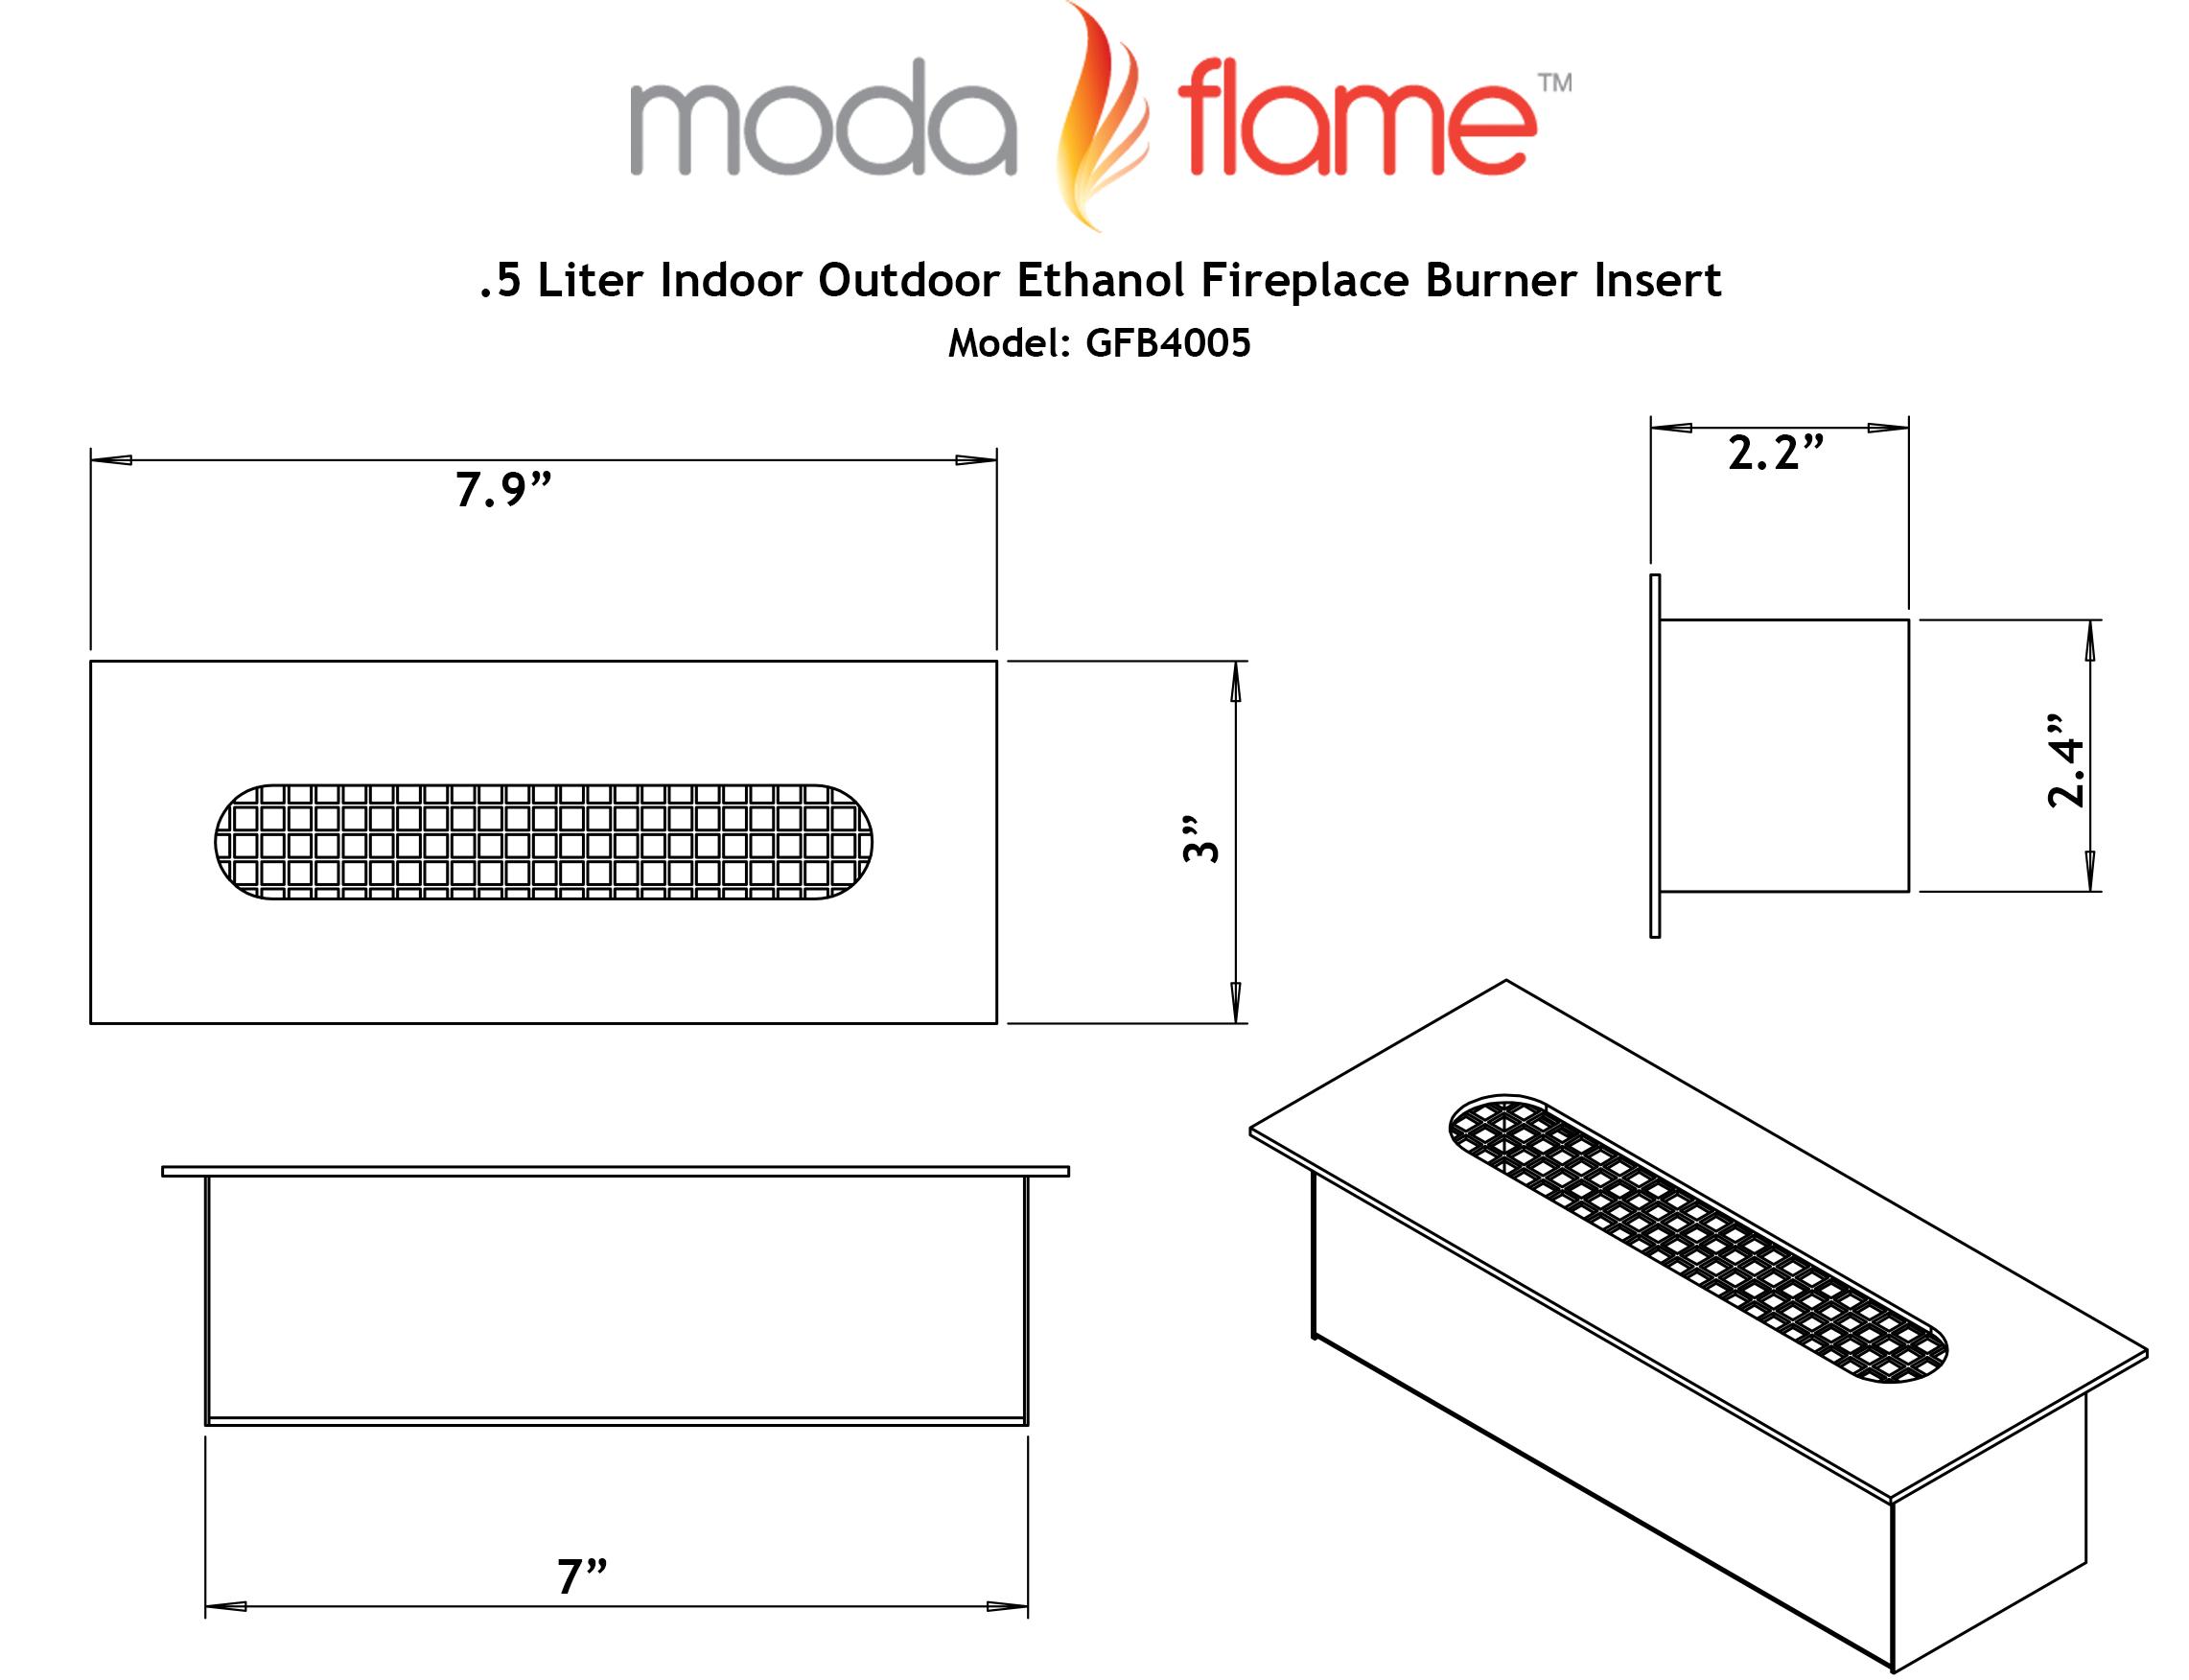 5 Liter Indoor Outdoor Ethanol Fireplace Burner Insert